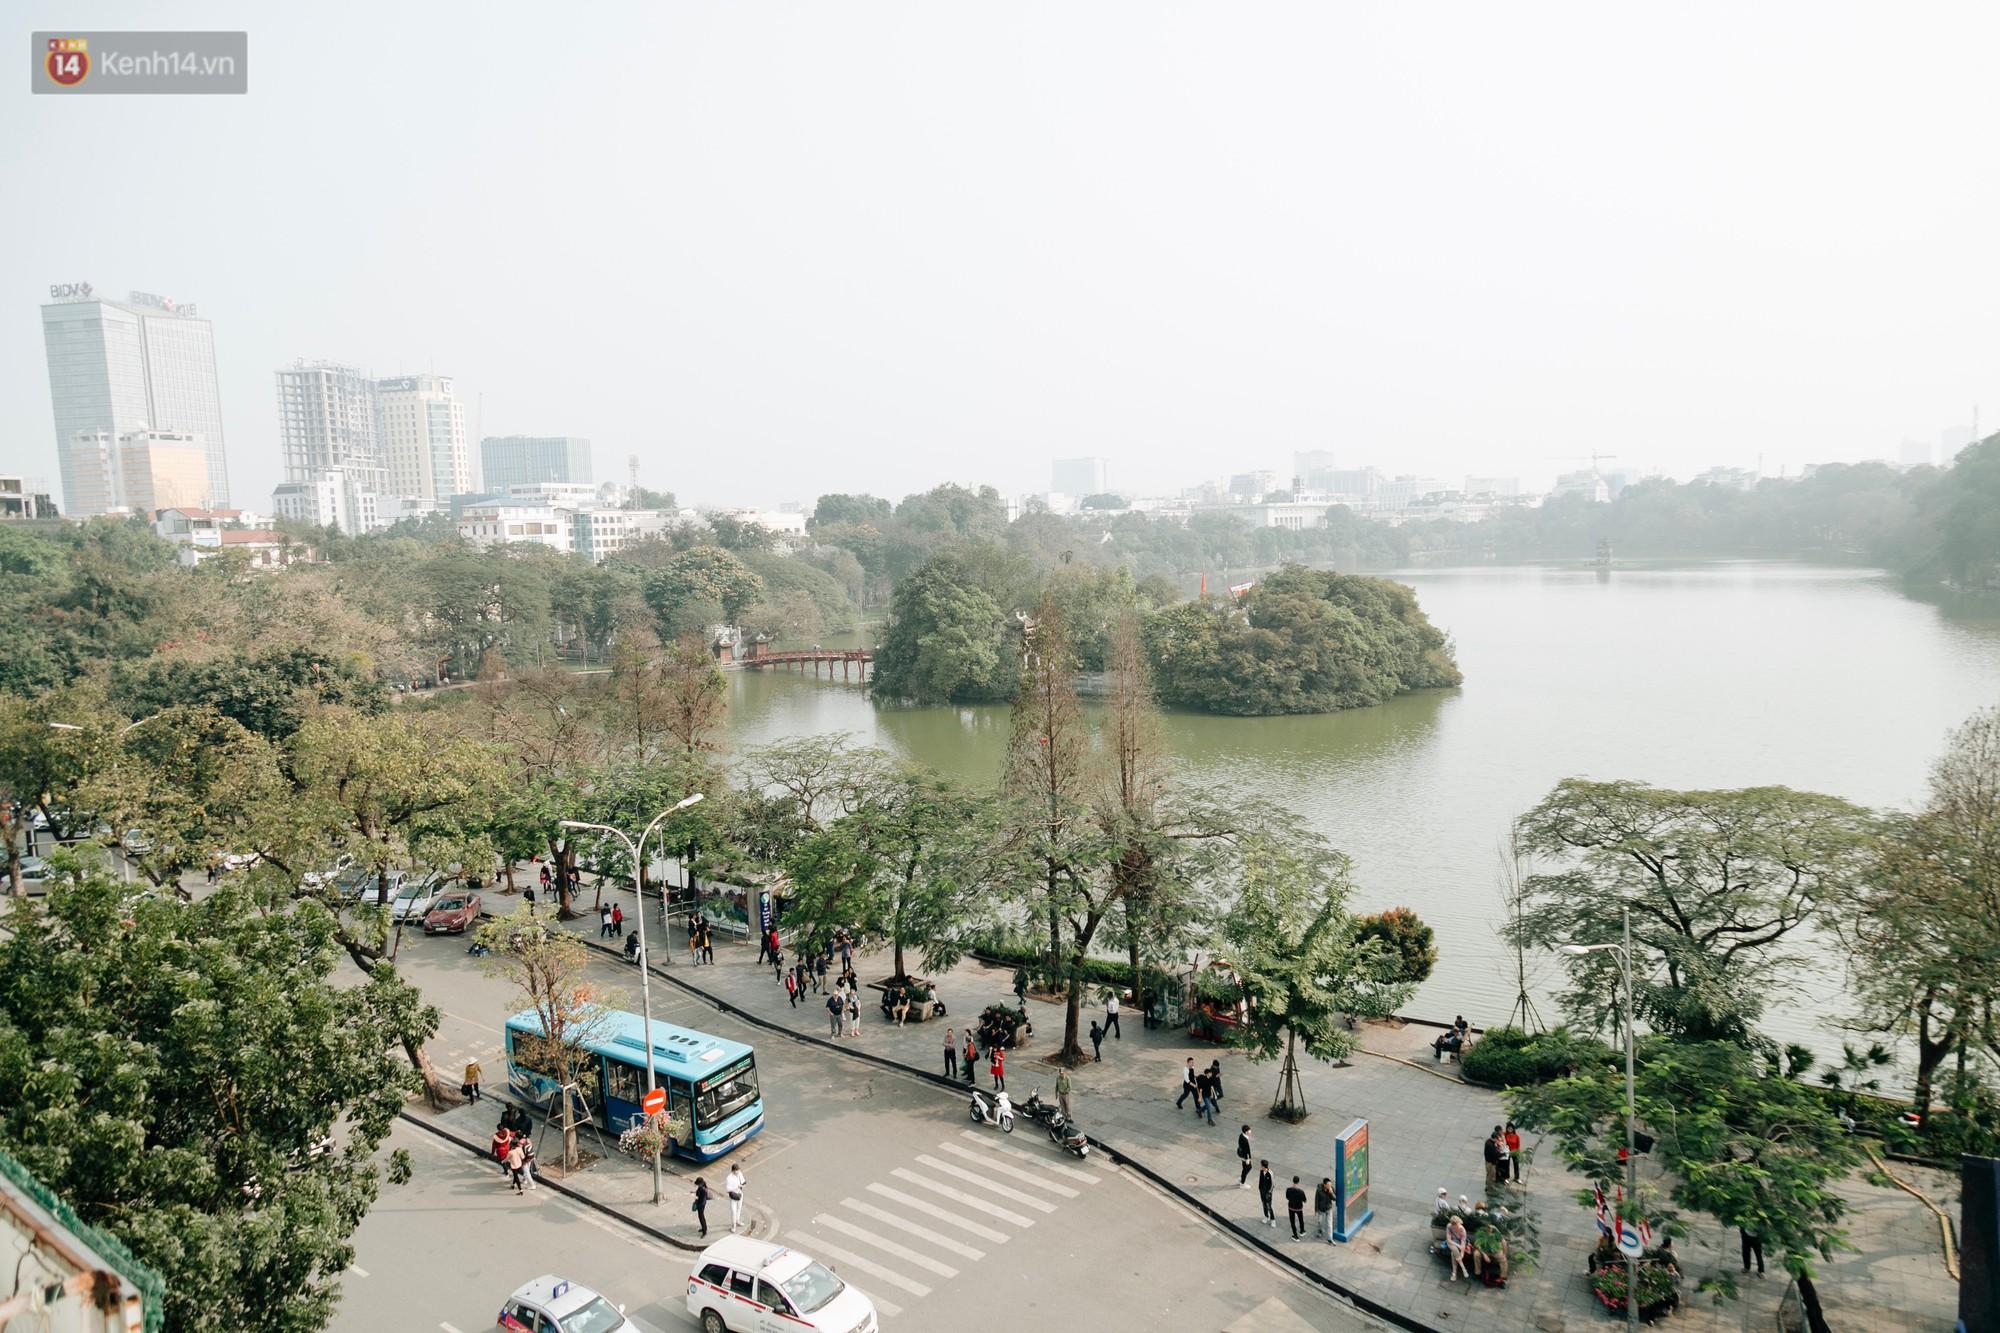 Vì sao các hãng thông tấn quốc tế đều chọn những nóc nhà của Hà Nội để đưa tin về Hội nghị thượng đỉnh Mỹ - Triều?-12